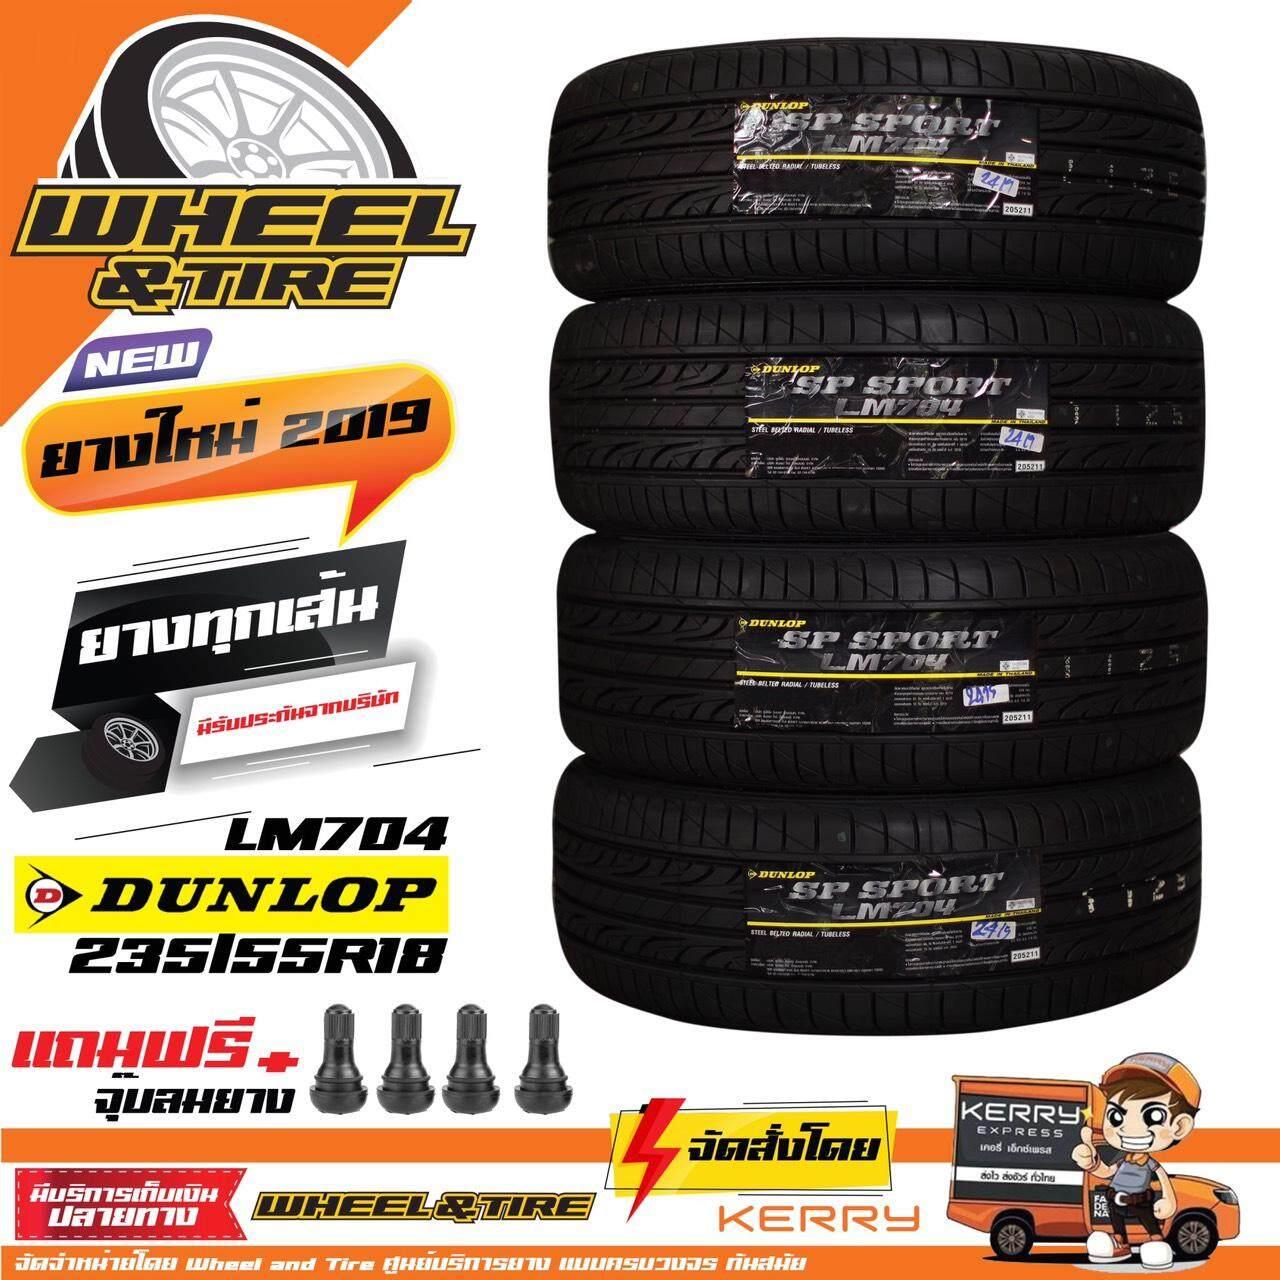 ประกันภัย รถยนต์ 2+ สตูล Dunlop ยางรถยนต์ 235/55R18 รุ่น LM 704 จำนวน 4 เส้น ยางใหม่ปี 2019 แถมฟรีจุ๊บลมยาง    4 ชิ้น